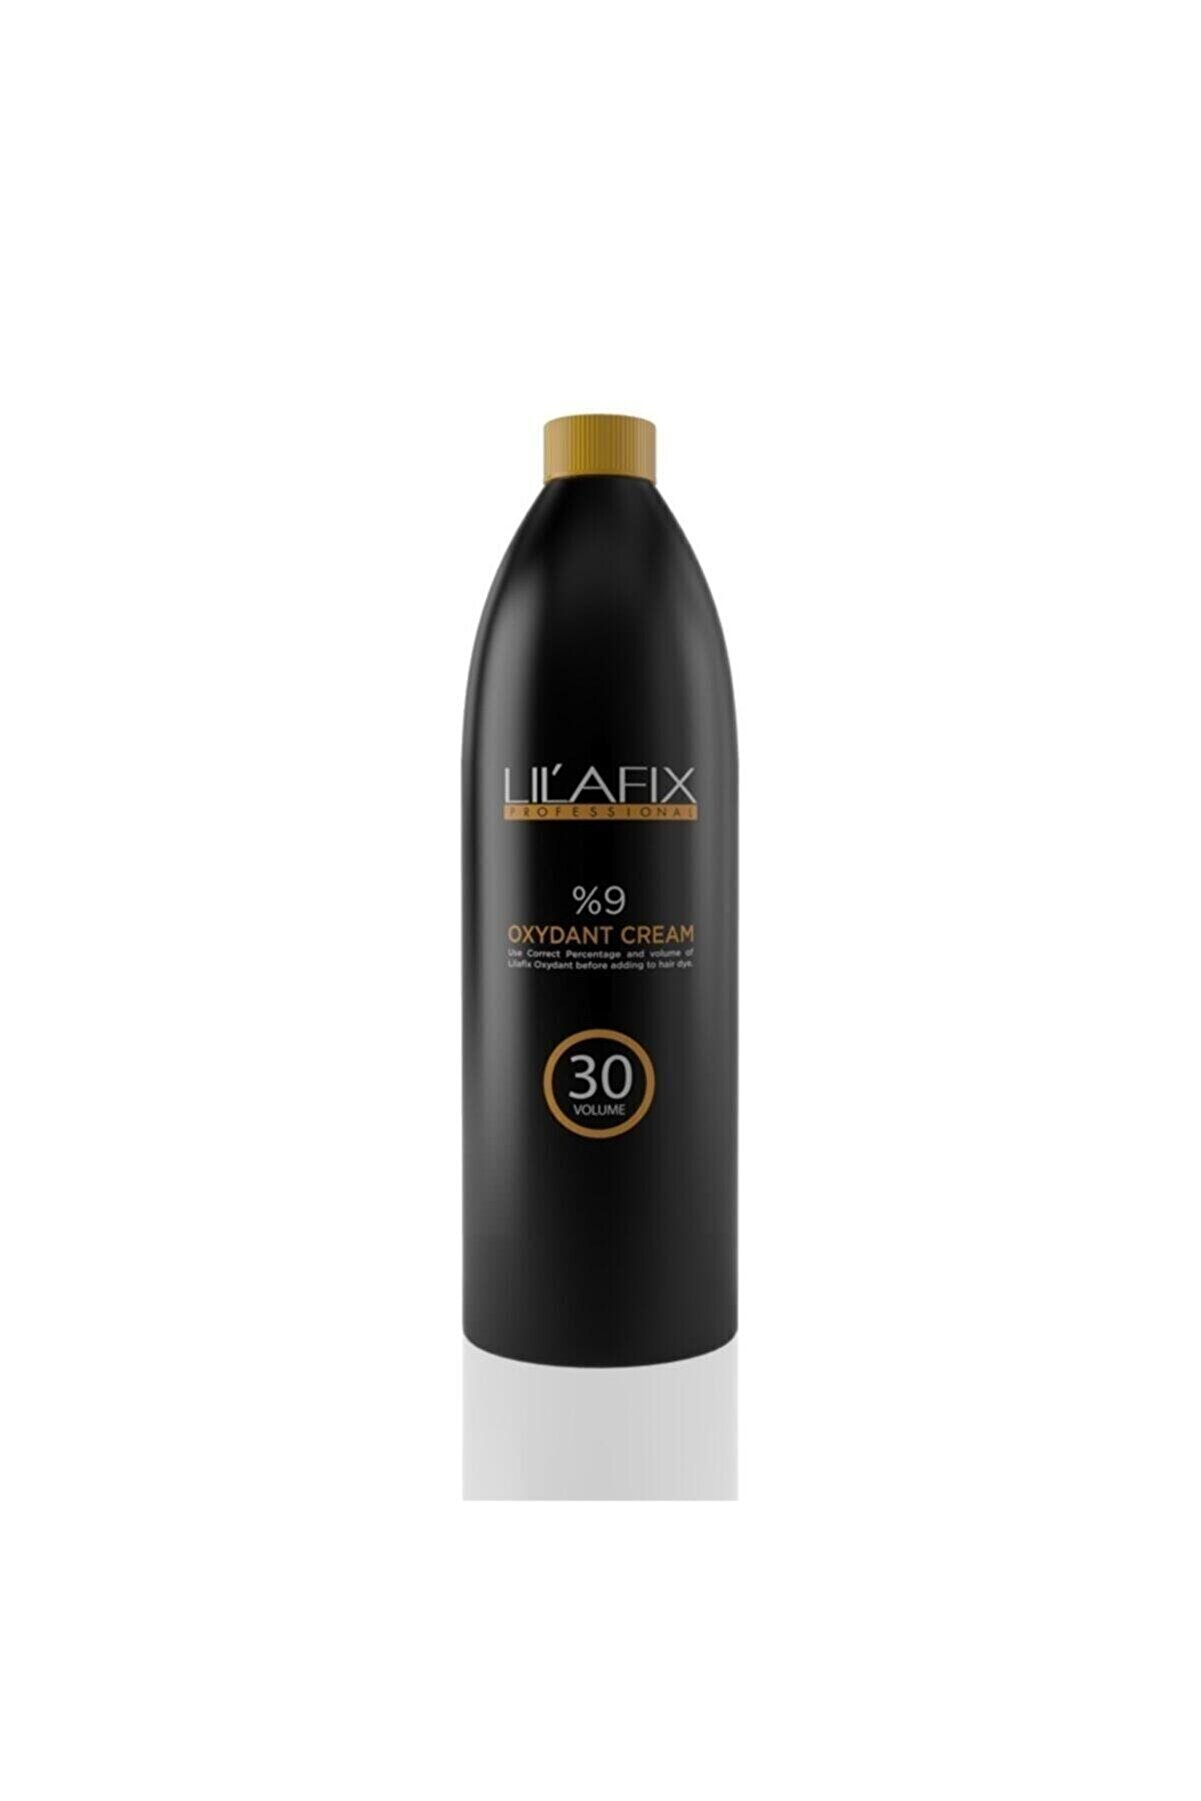 Lilafix Lilafıx 30 Volume (%9) Oksidan Krem 1000 ml